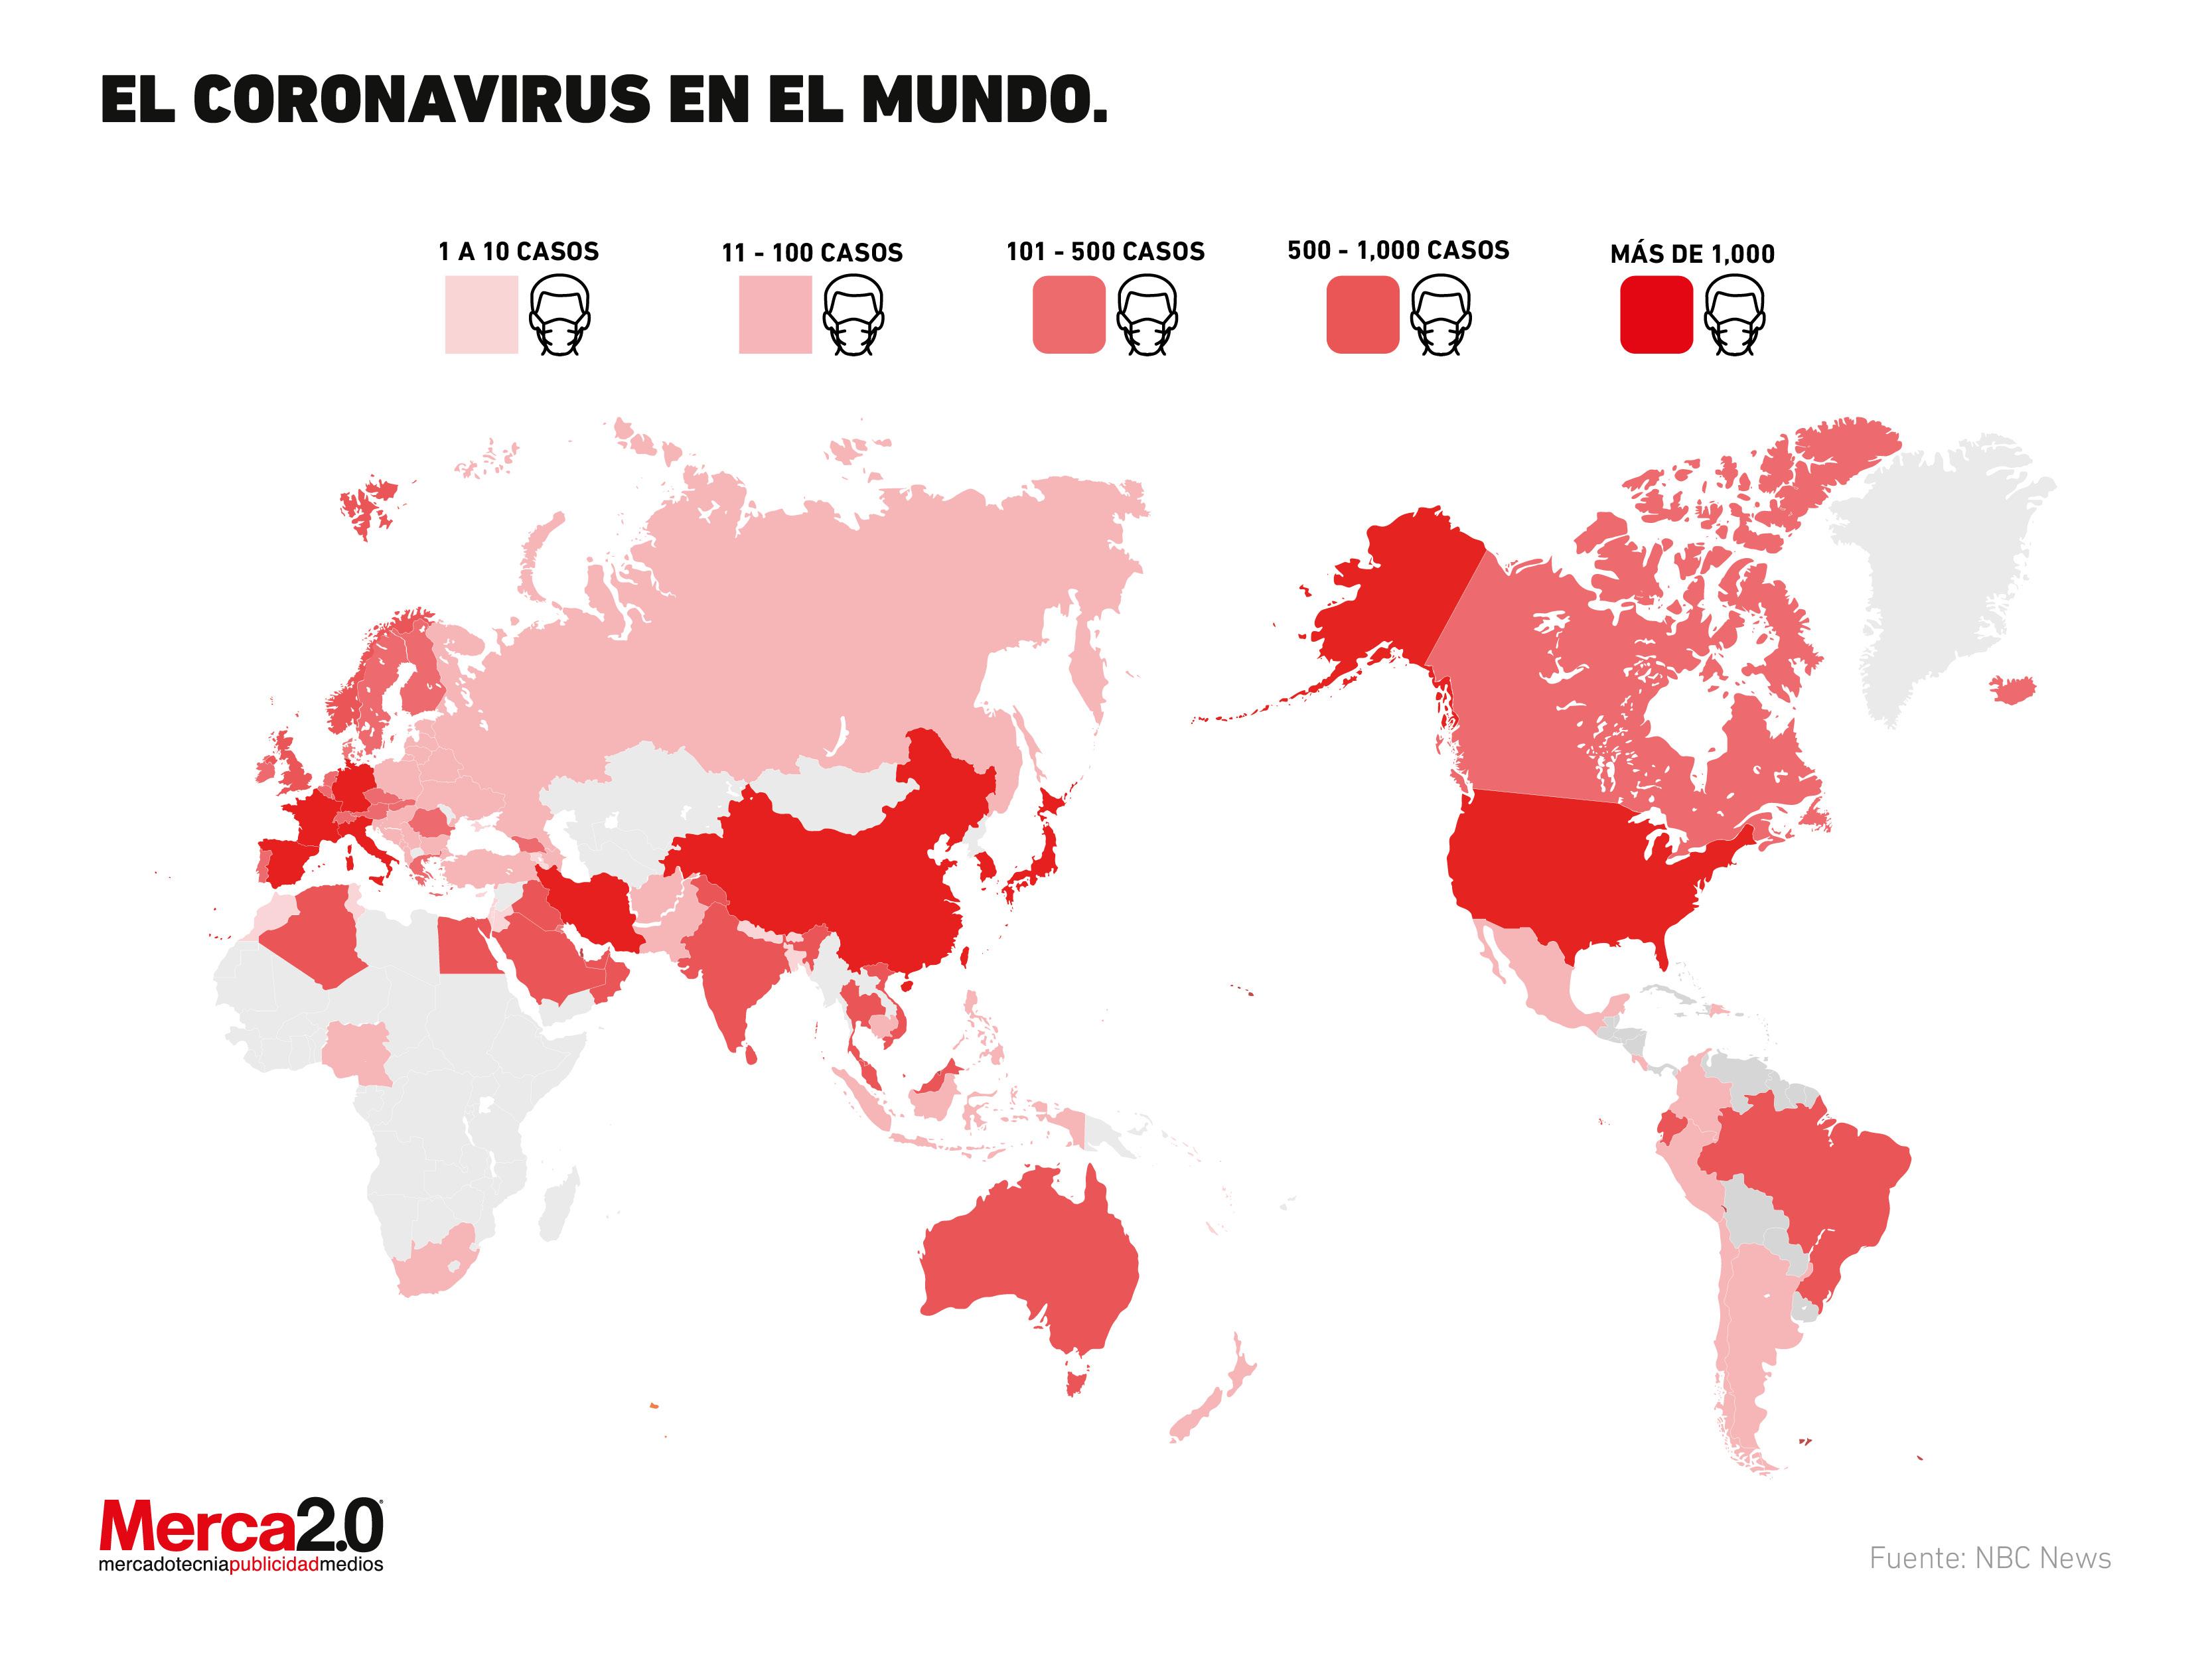 Coronavirus a nivel mundial